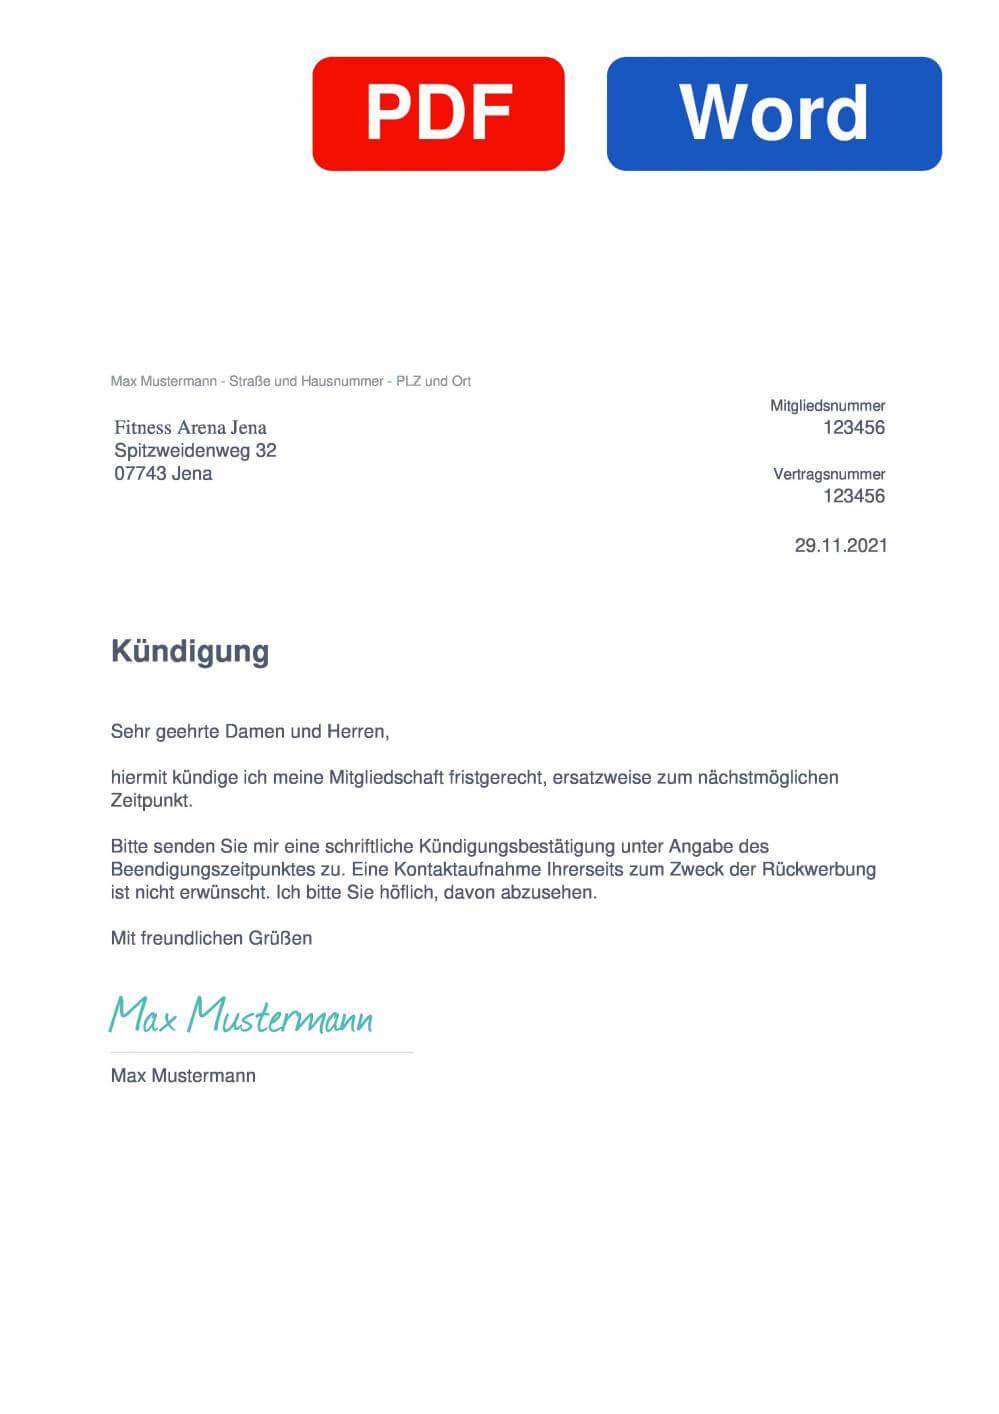 Fitness Arena Jena Muster Vorlage für Kündigungsschreiben